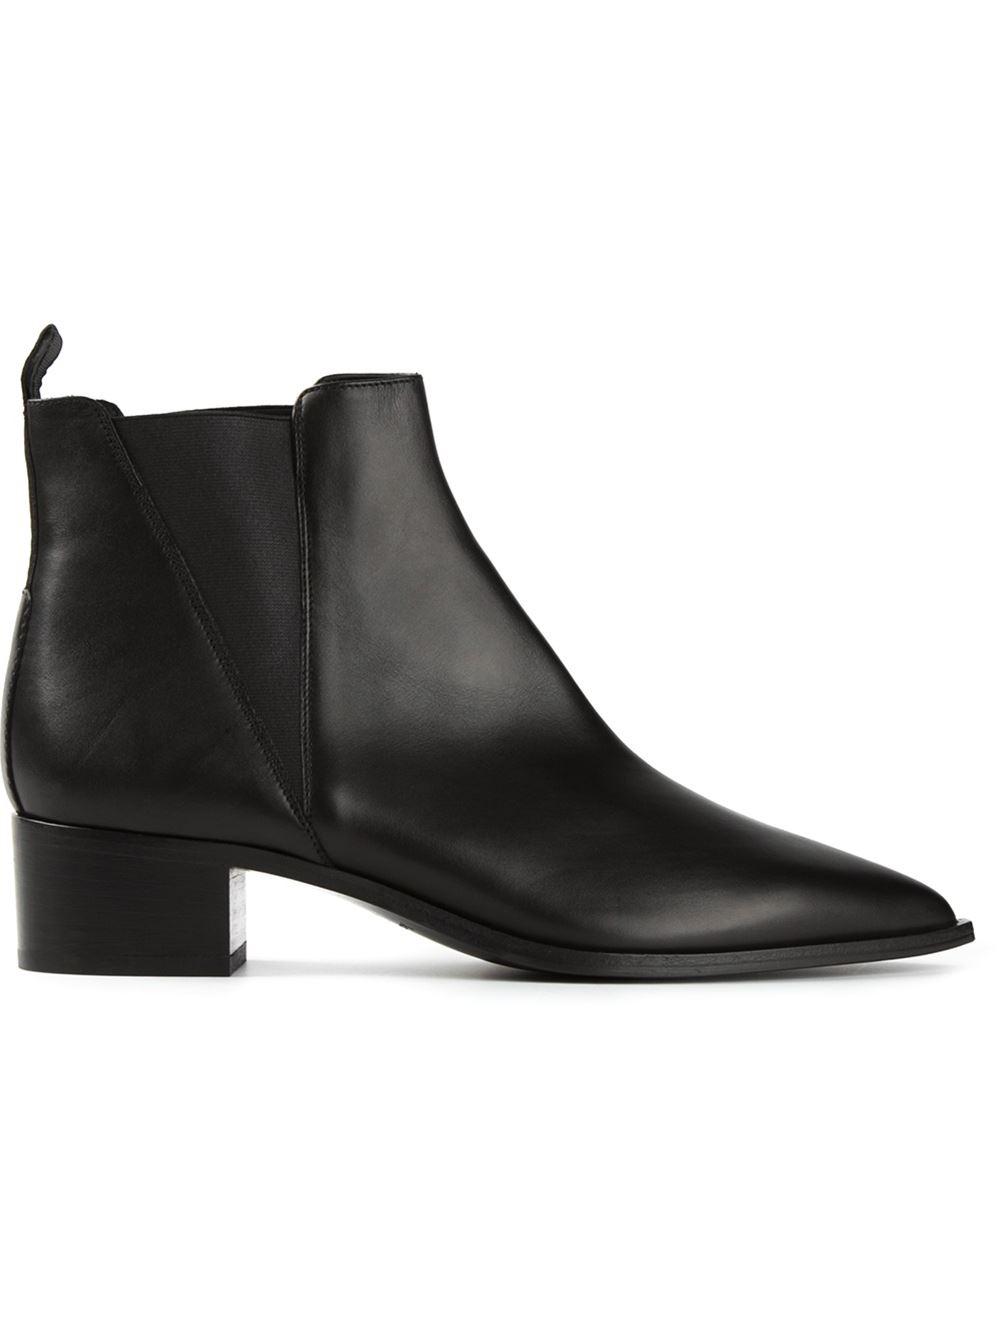 acne studios jensen ankle boots in black lyst. Black Bedroom Furniture Sets. Home Design Ideas